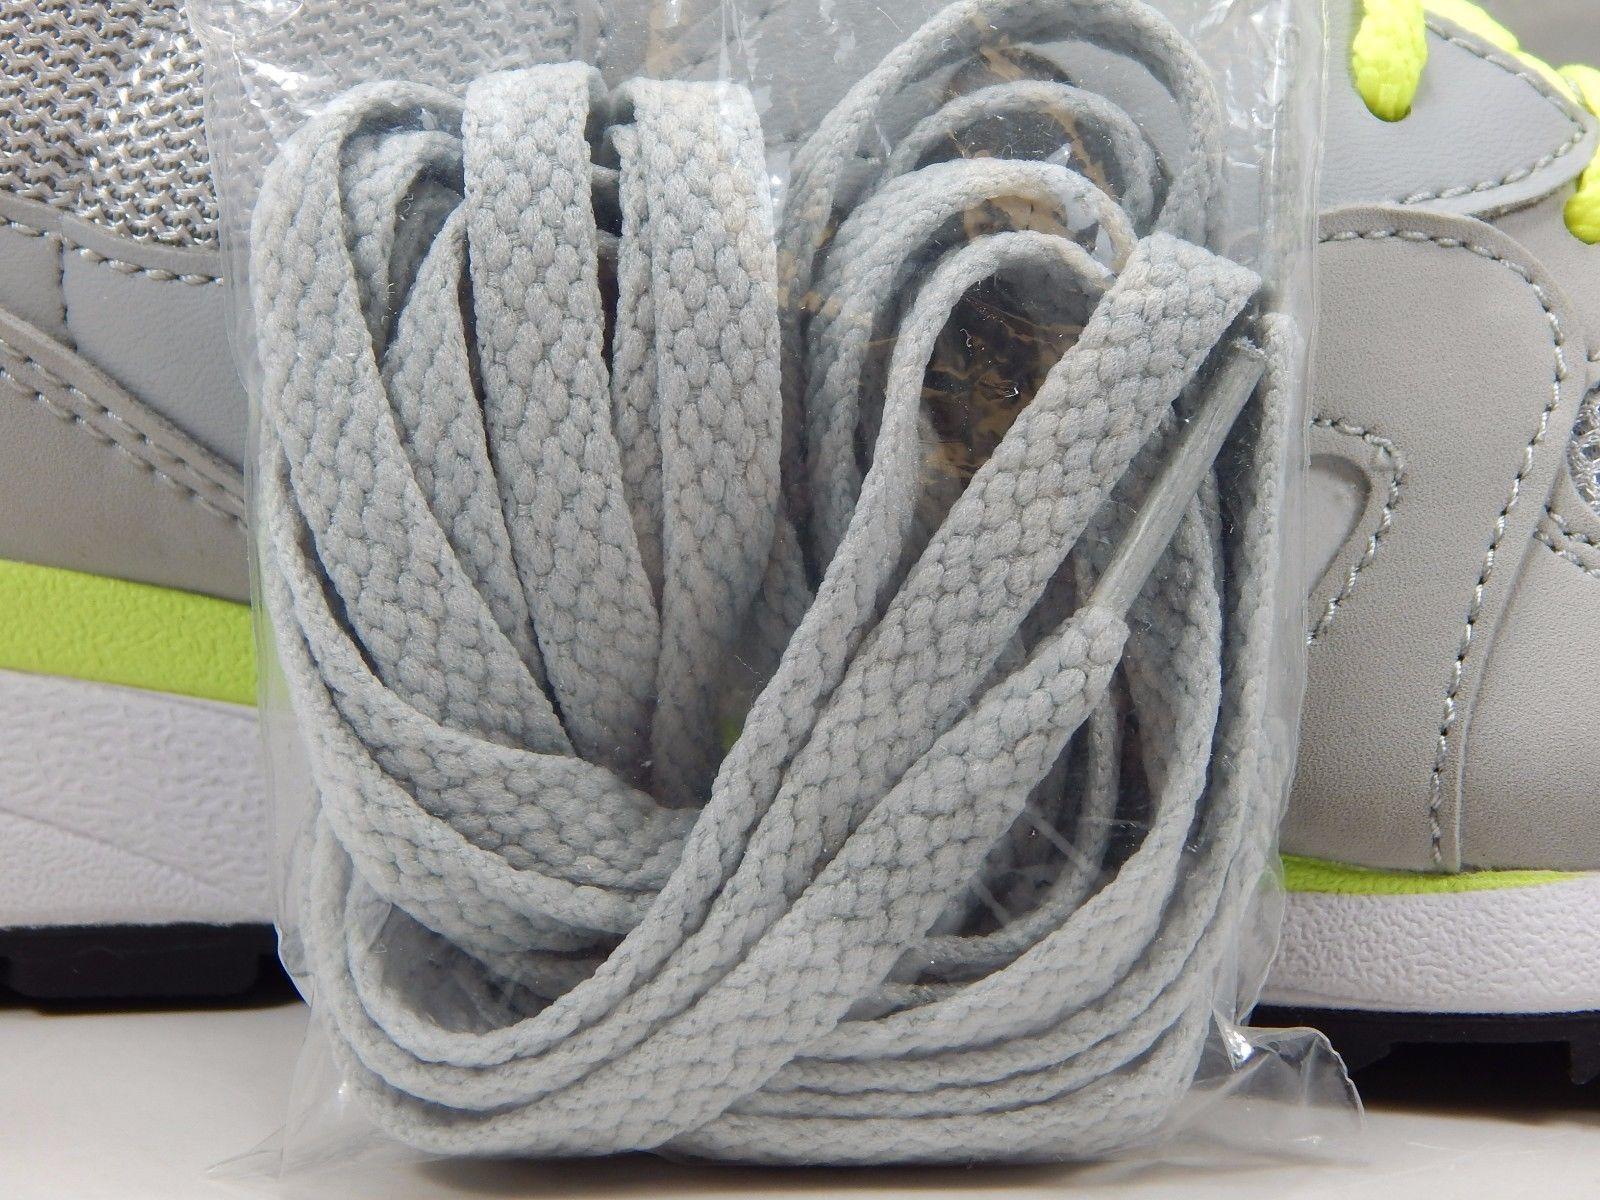 Saucony Original Master Control Men's Shoes Sz US 9 M (D) EU 42.5 Gray 70076-13